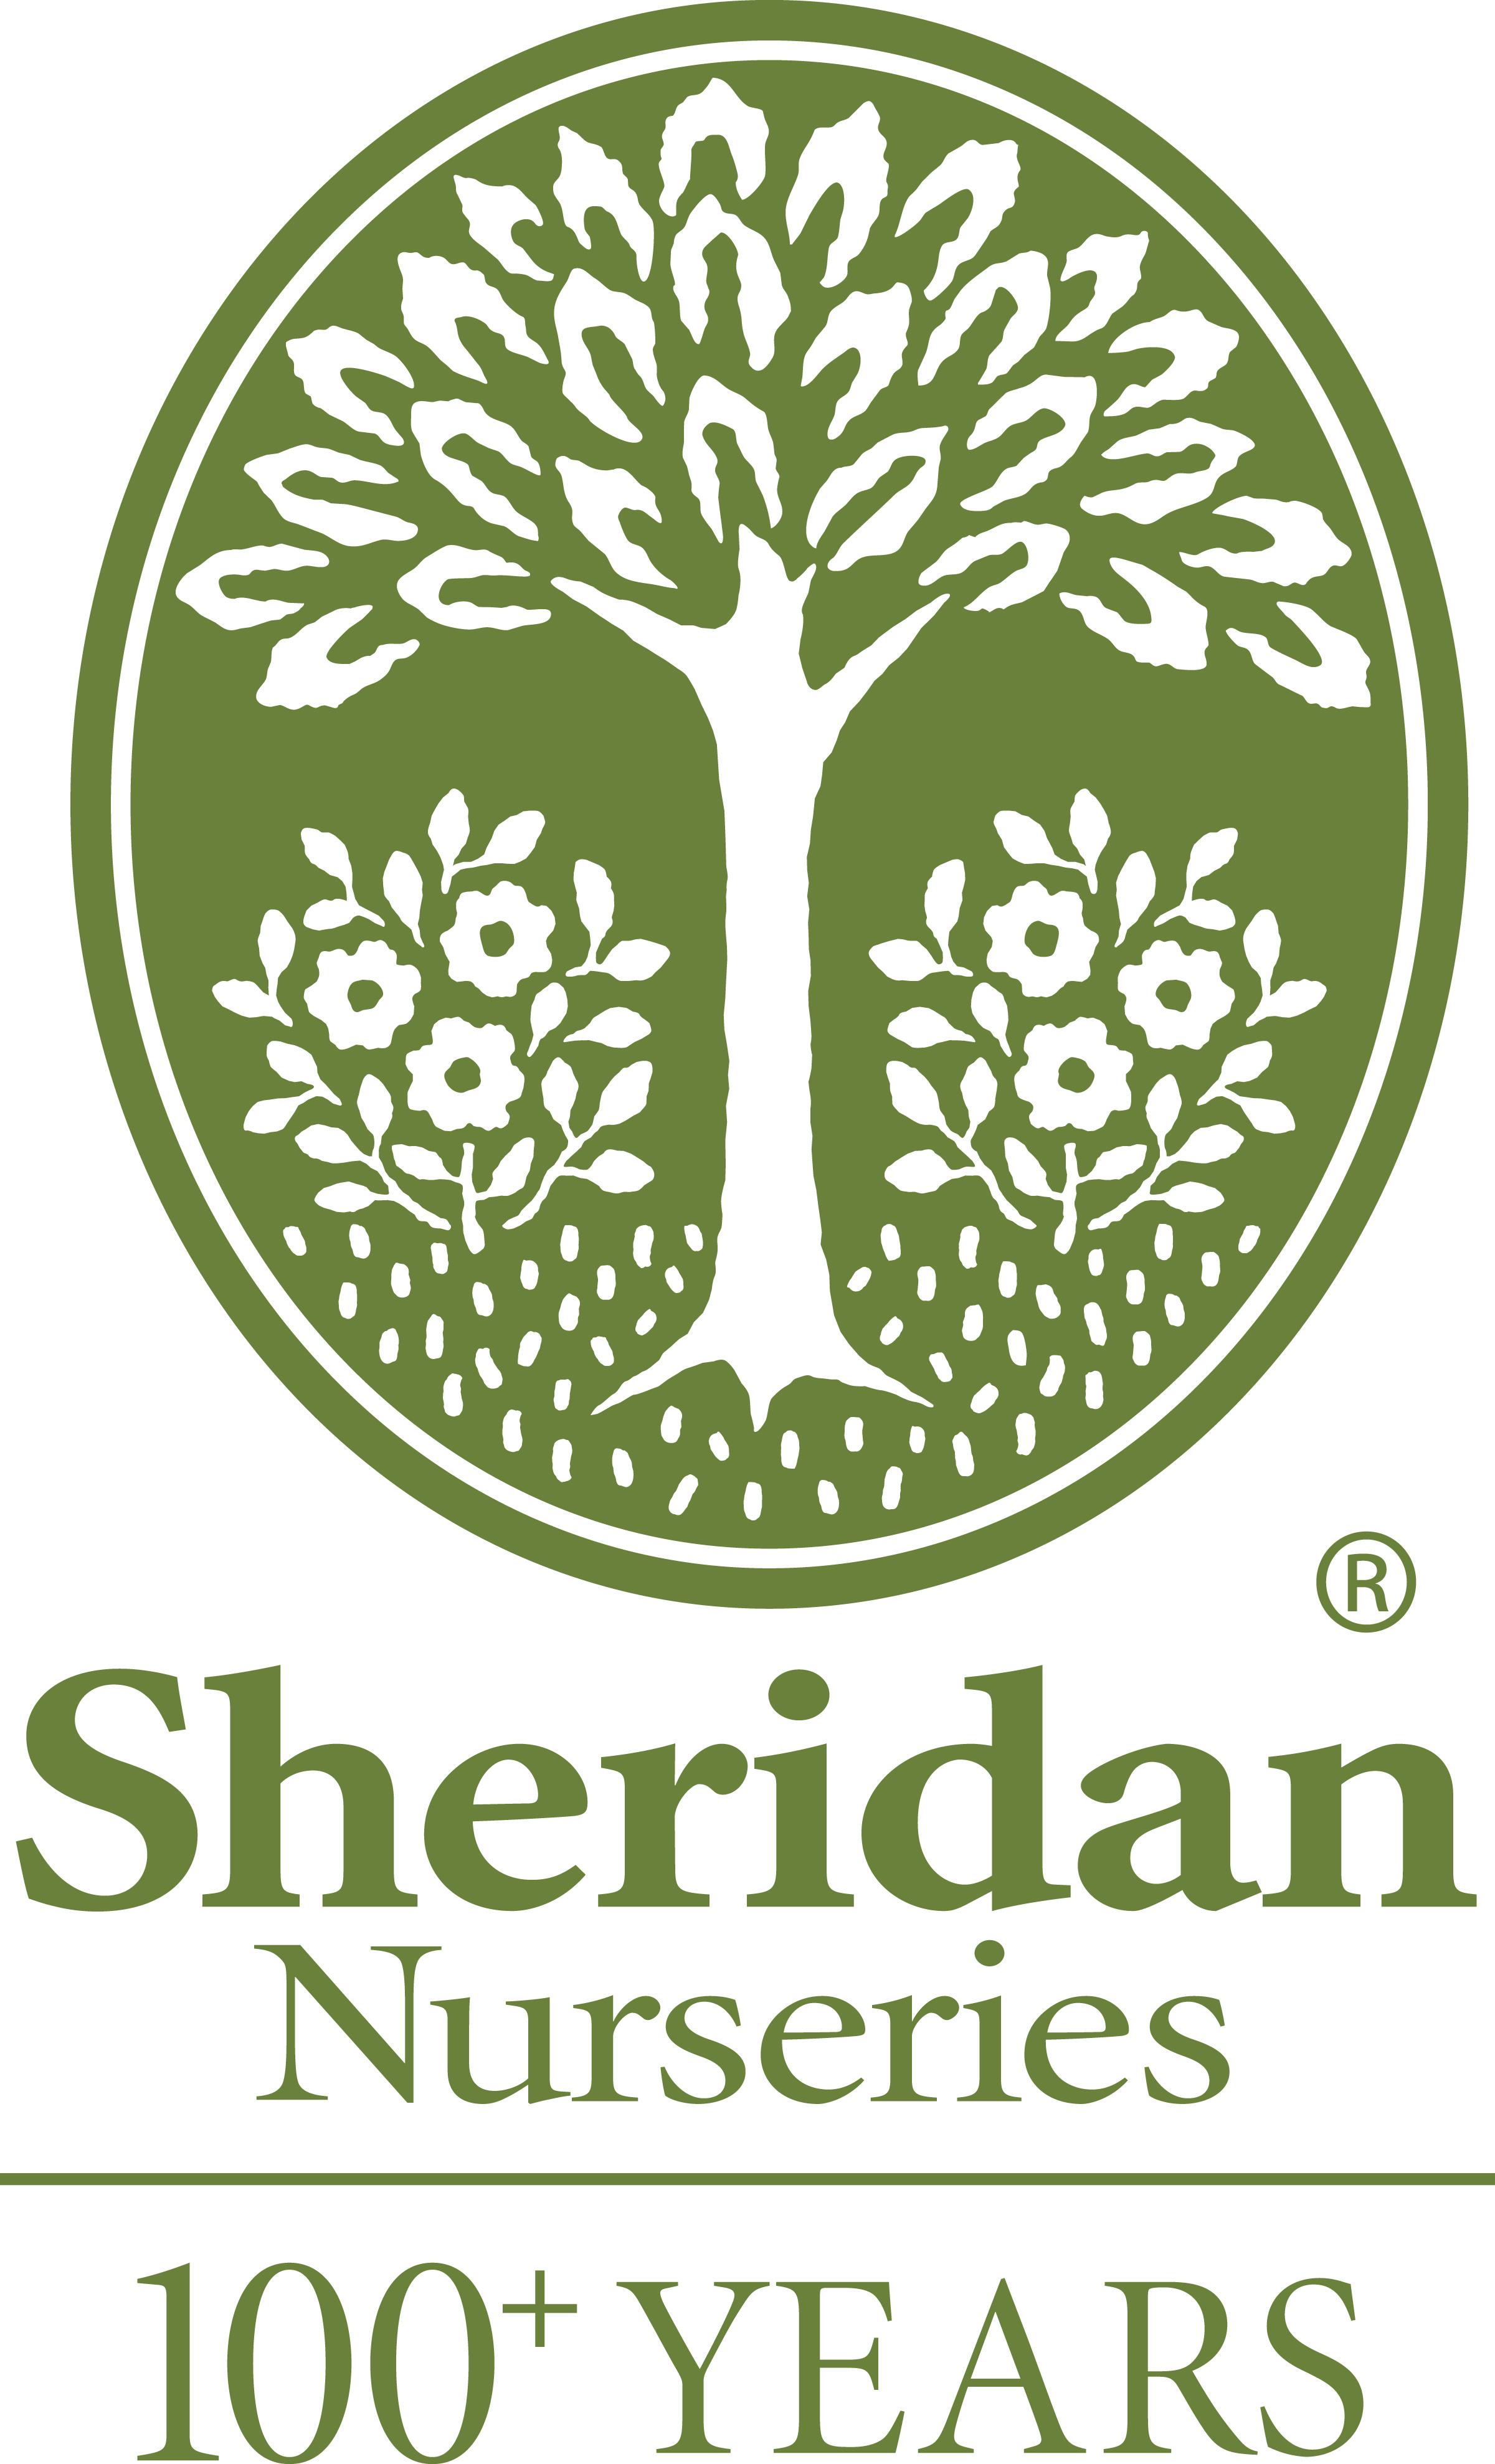 Sheridan_Nurseries_100+575C.jpg